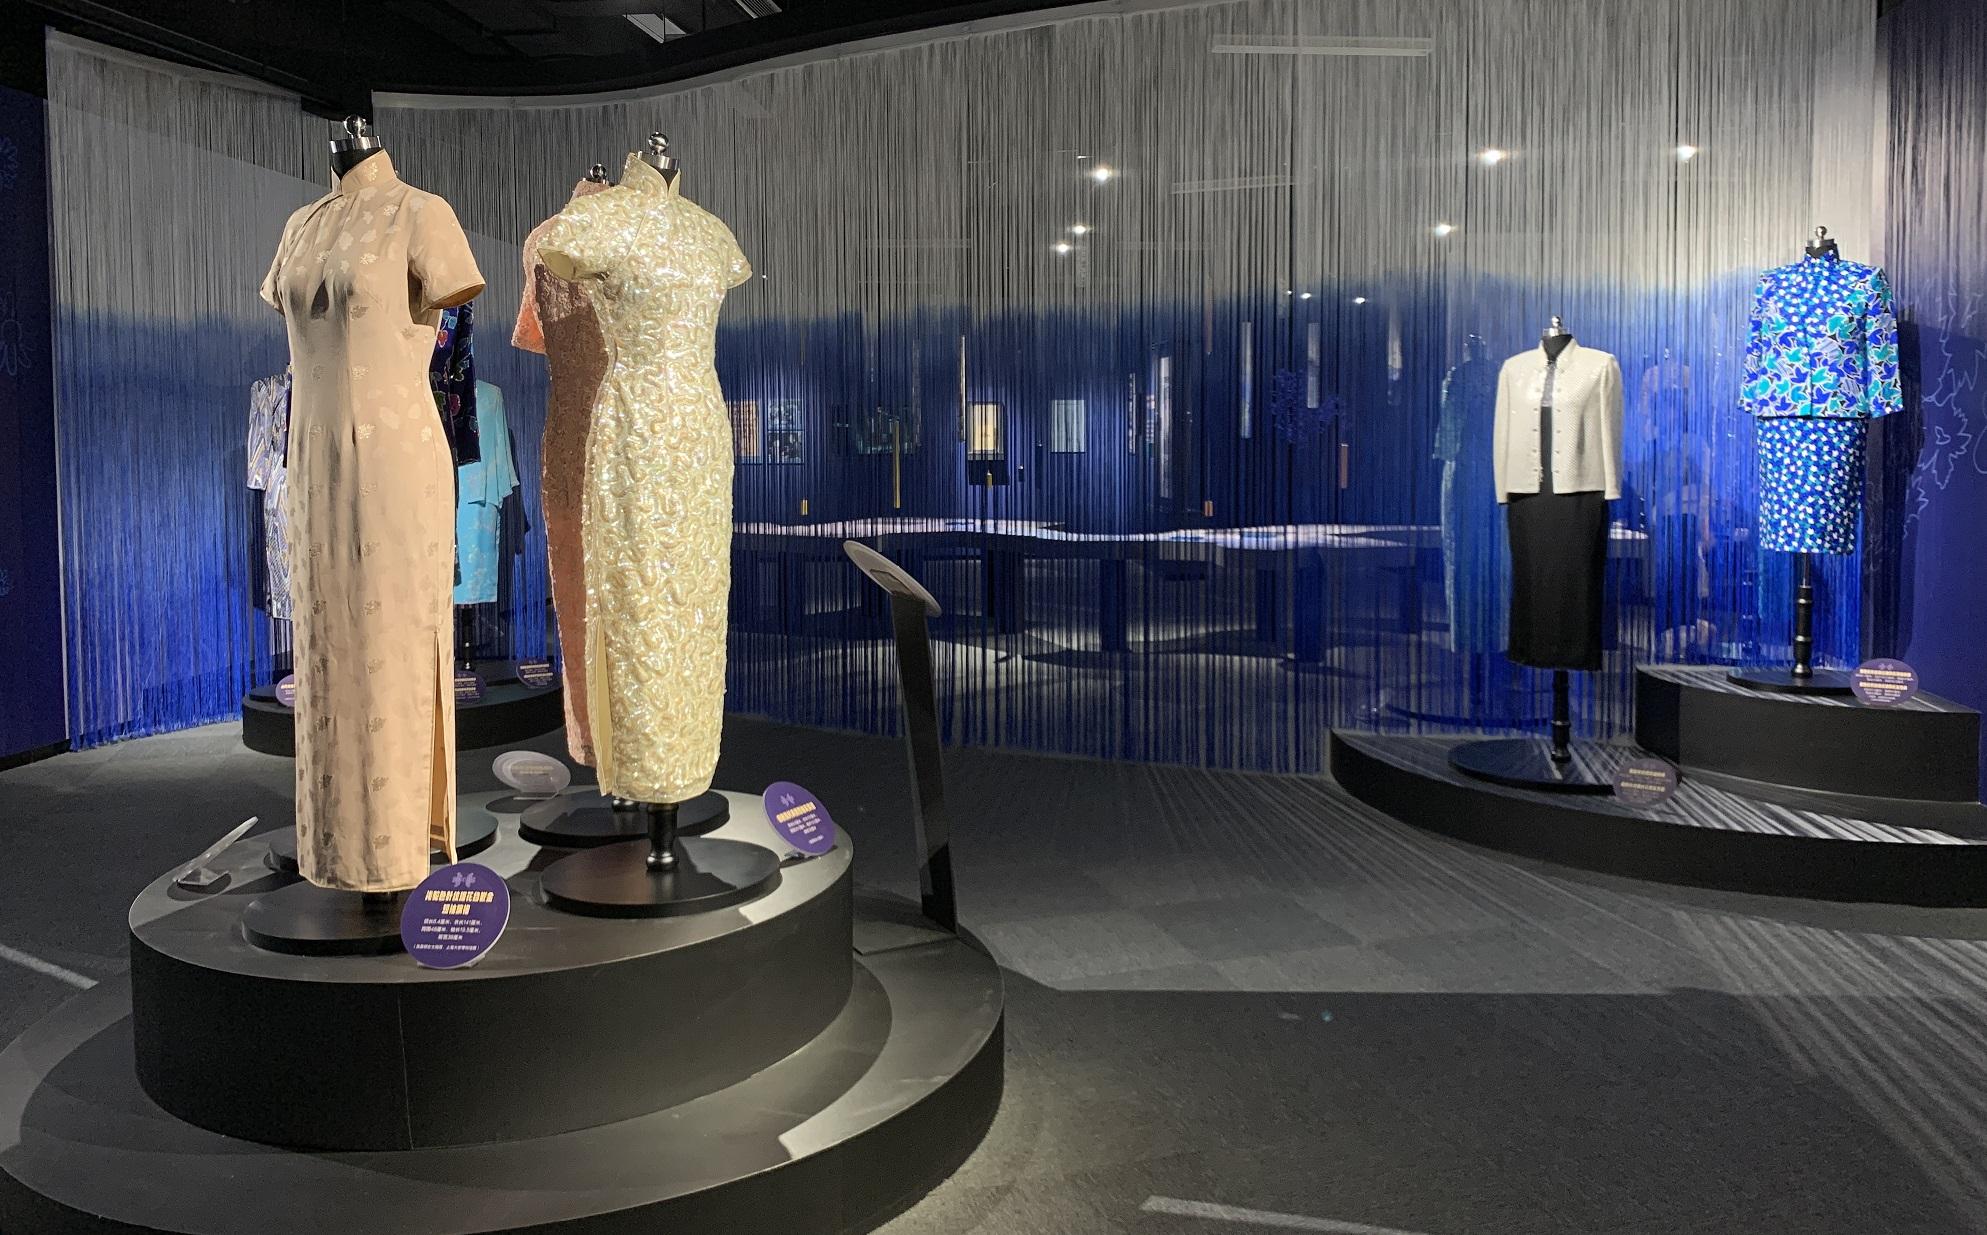 「海上の明月、軽い裾に風を追う-江南の貴族と海派チャイナドレス」の開会式と海派文化博物館の開館式